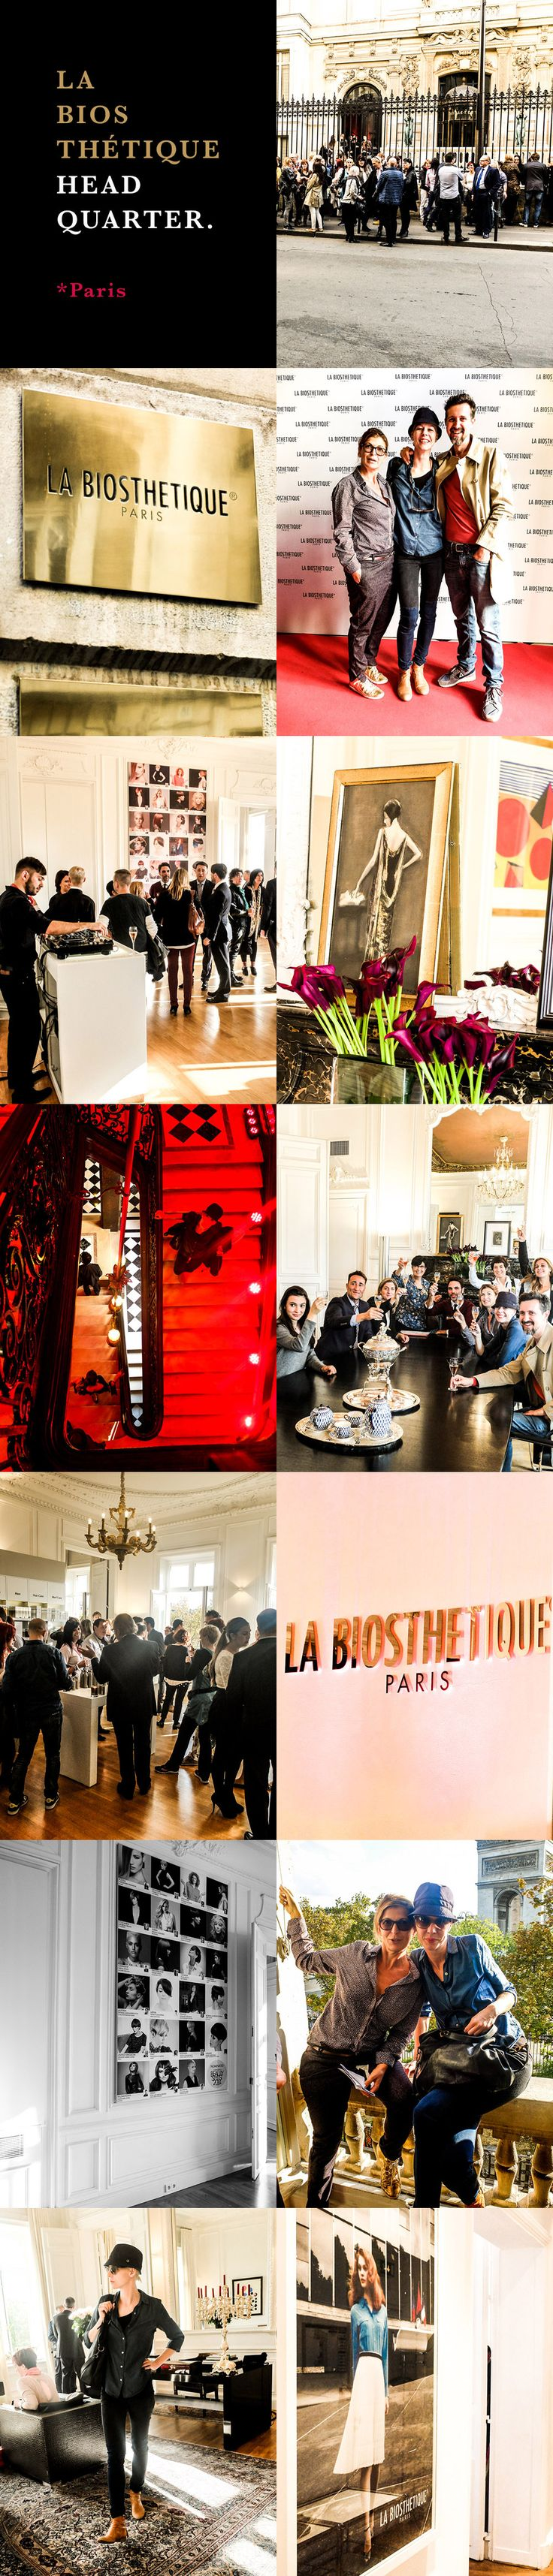 """La Biosthetique Headquarter Paris. Silke von Rolbiezki Coiffure on tour in ♡ Paris for the """"Beauty Stylist Award 2014"""" hosted by La Biosthétique Paris. Proudly presented by Silke von Rolbiezki Coiffure, Palma de Mallorca, Spain www.silkevonrolbiezki.com"""